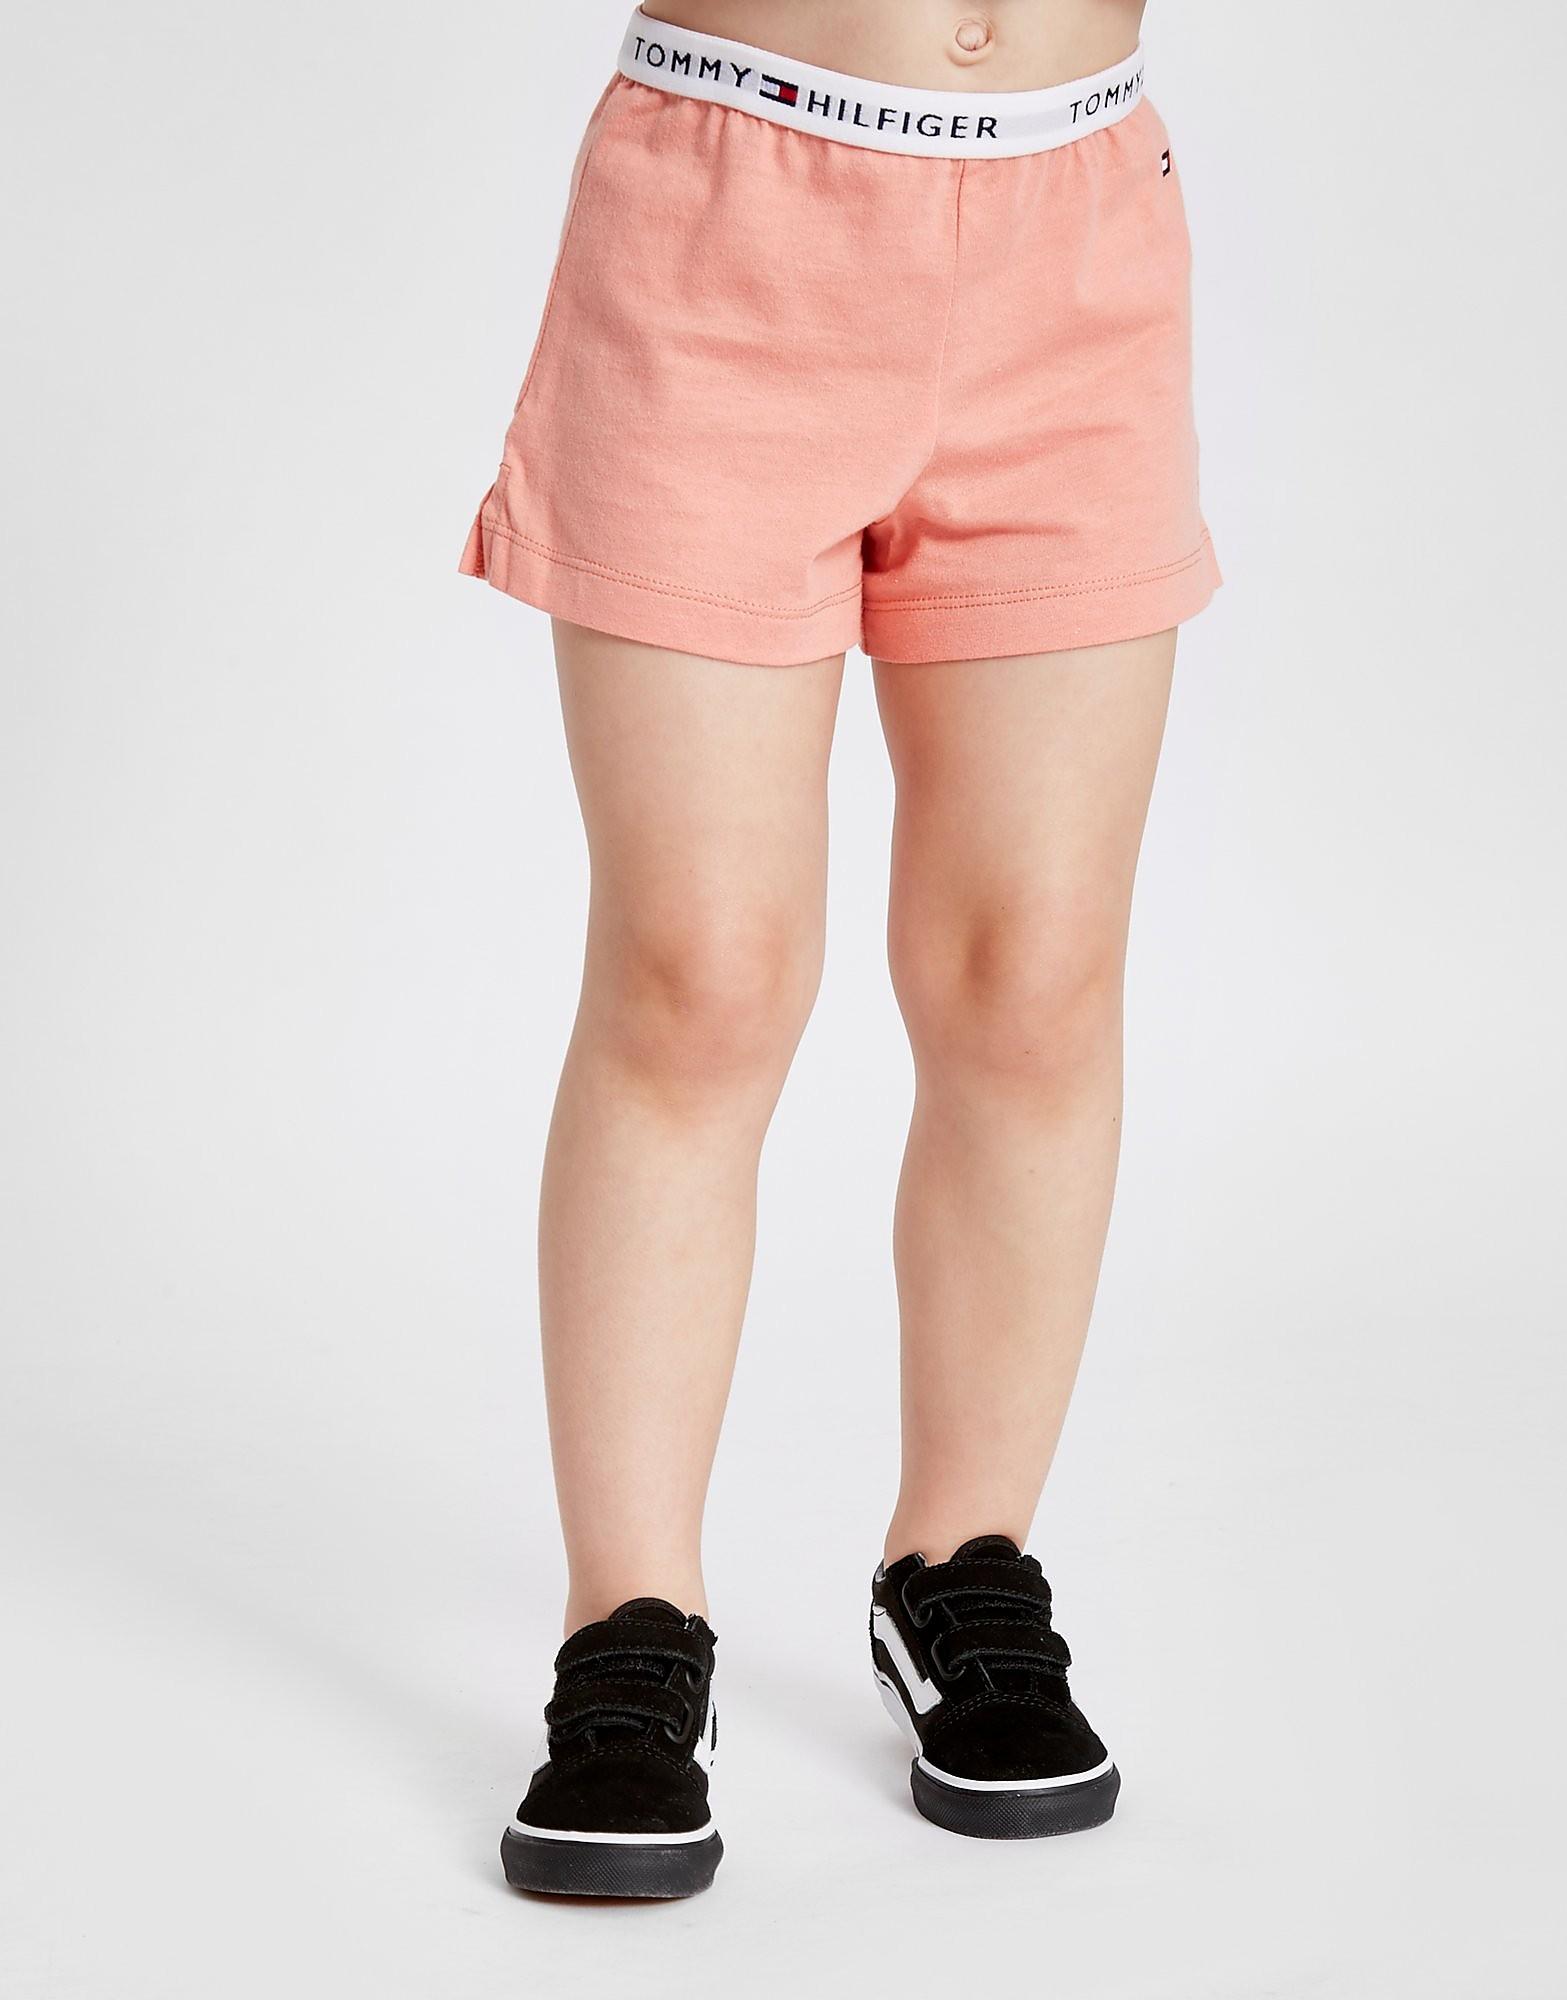 Tommy Hilfiger Girls' Lounge Shorts Children